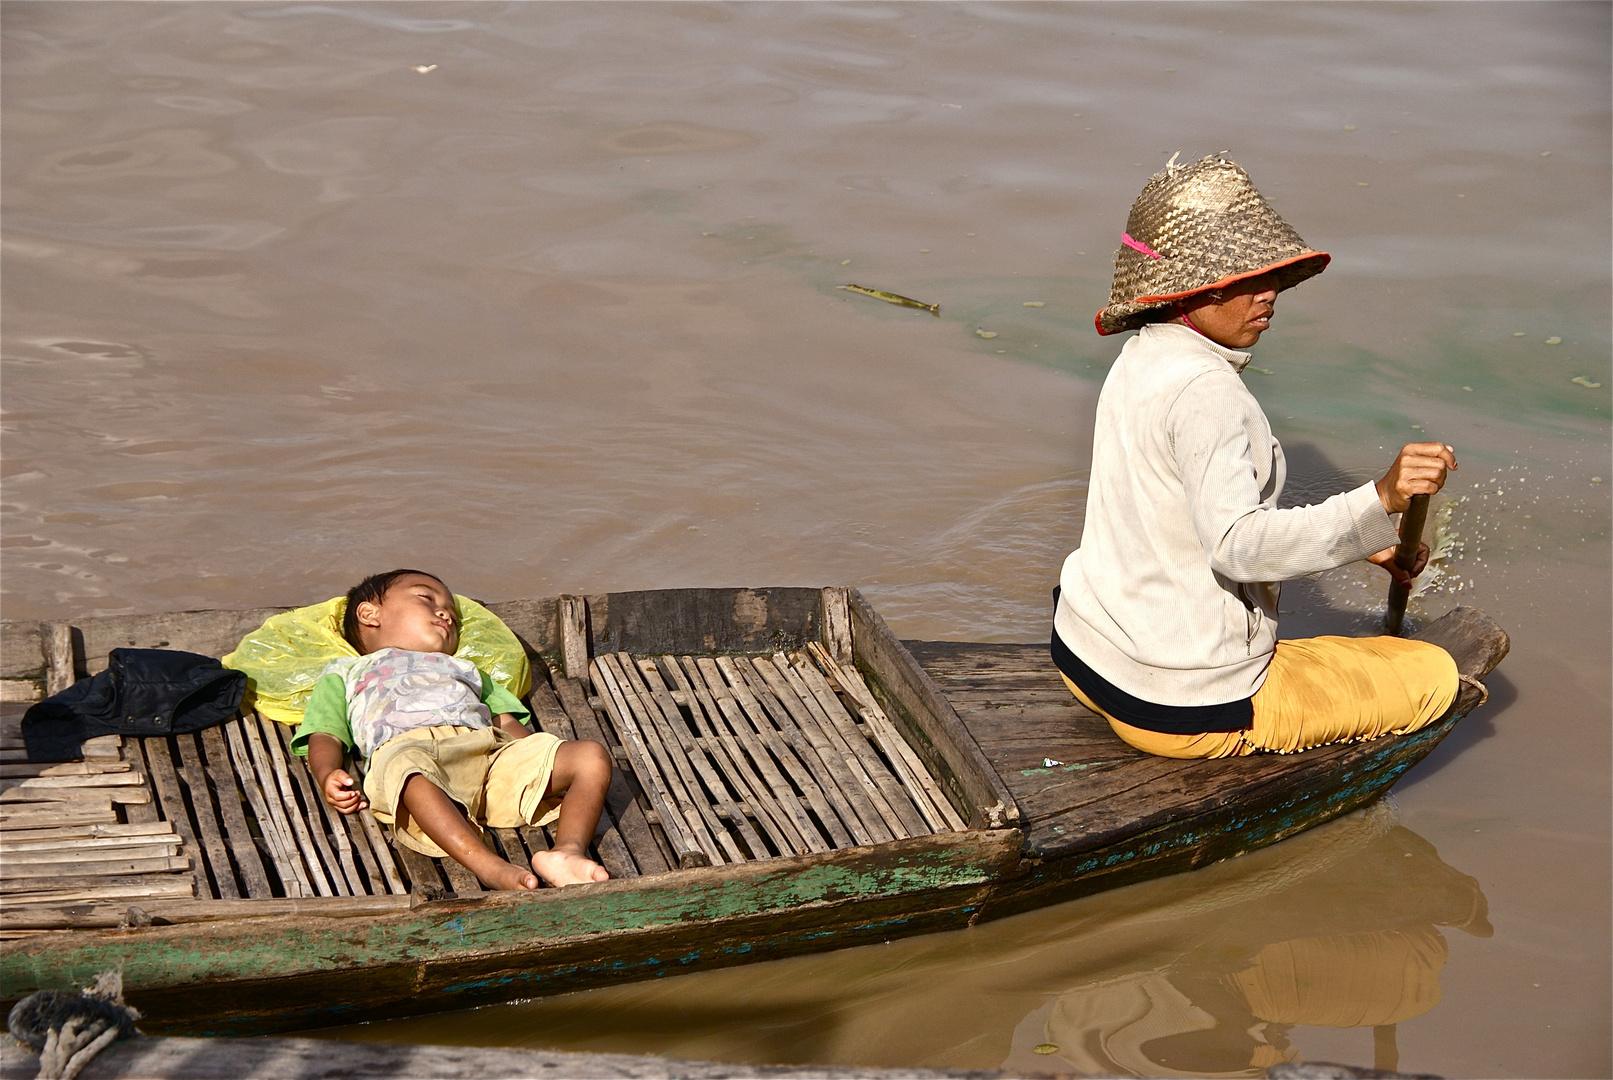 am tonle sap I, cambodia 2010